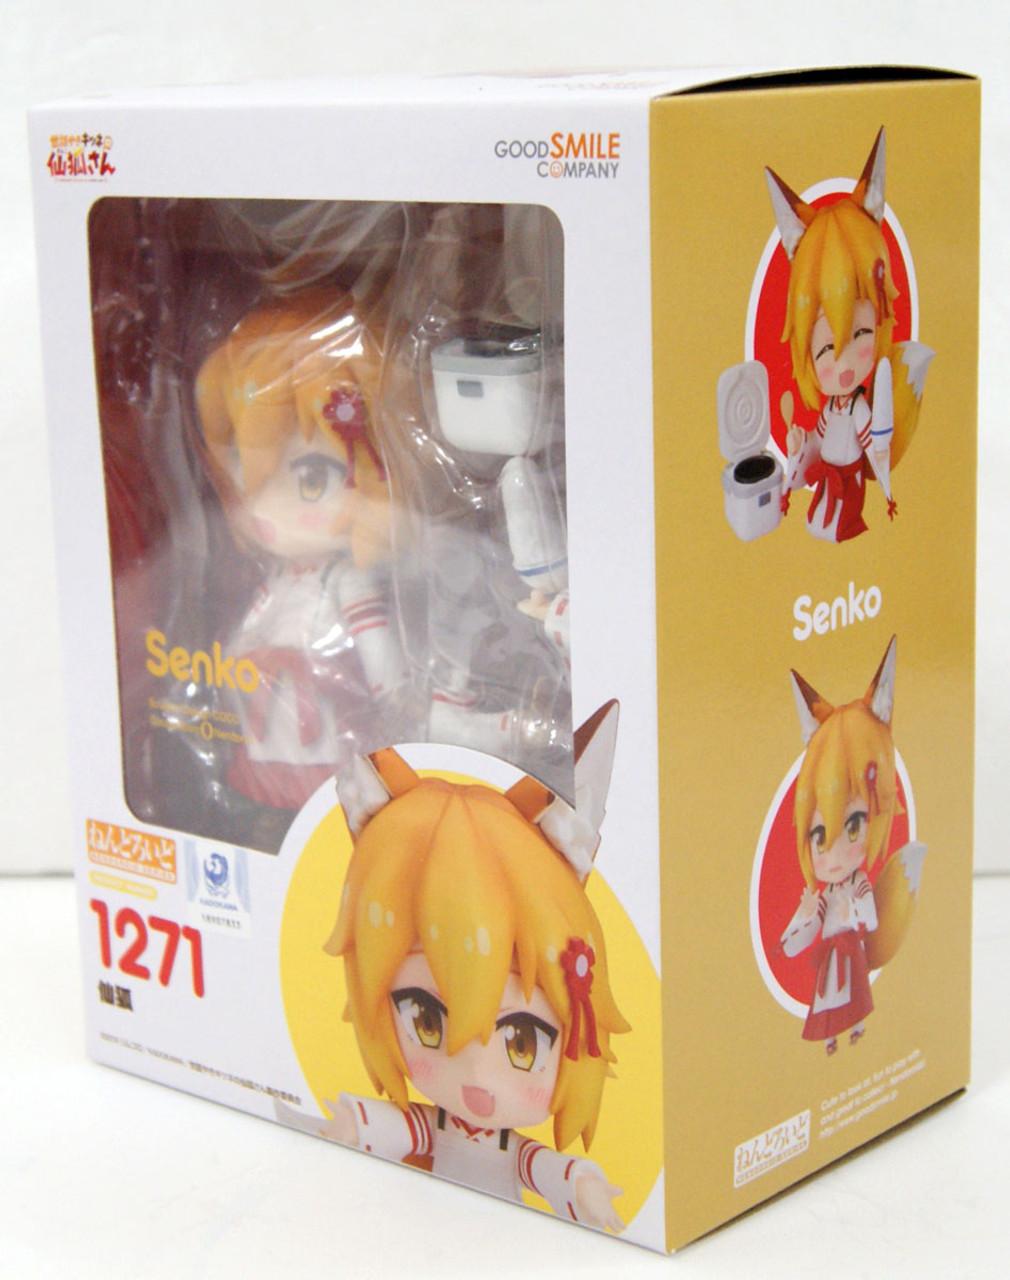 GSC NENDOROID The Helpful Fox Senko-San 1271 Senko Action Figure in stock